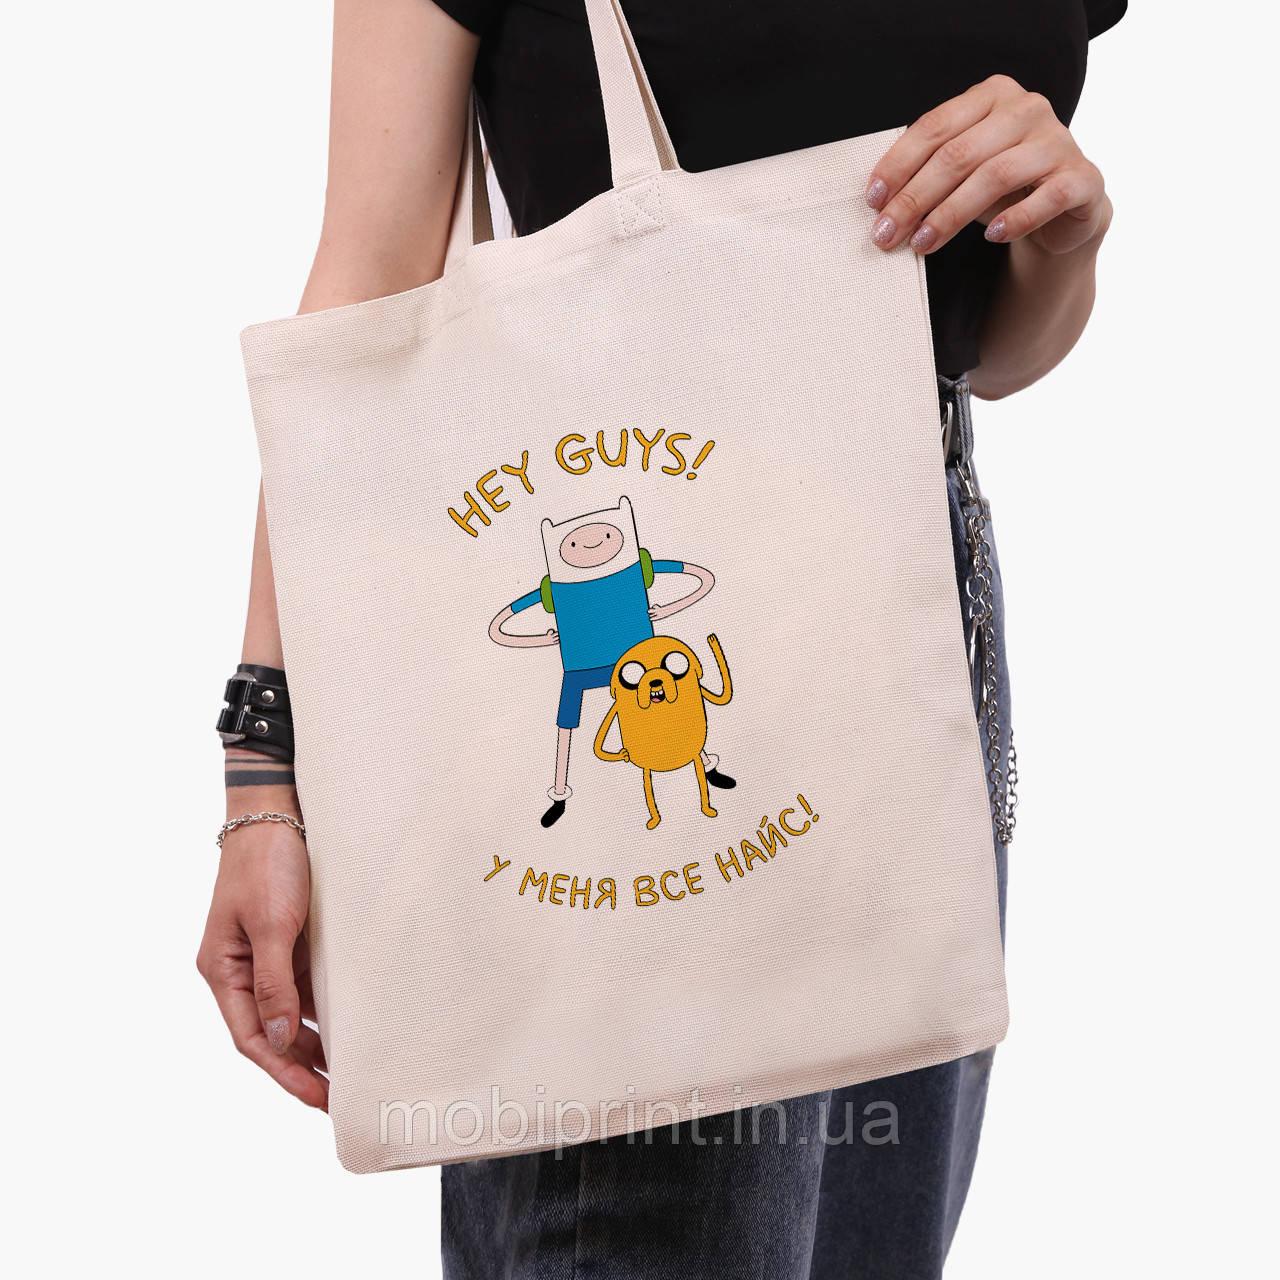 Эко сумка шоппер Финн и Джейк пес Время Приключений (9227-1579) экосумка шопер 41*35 см